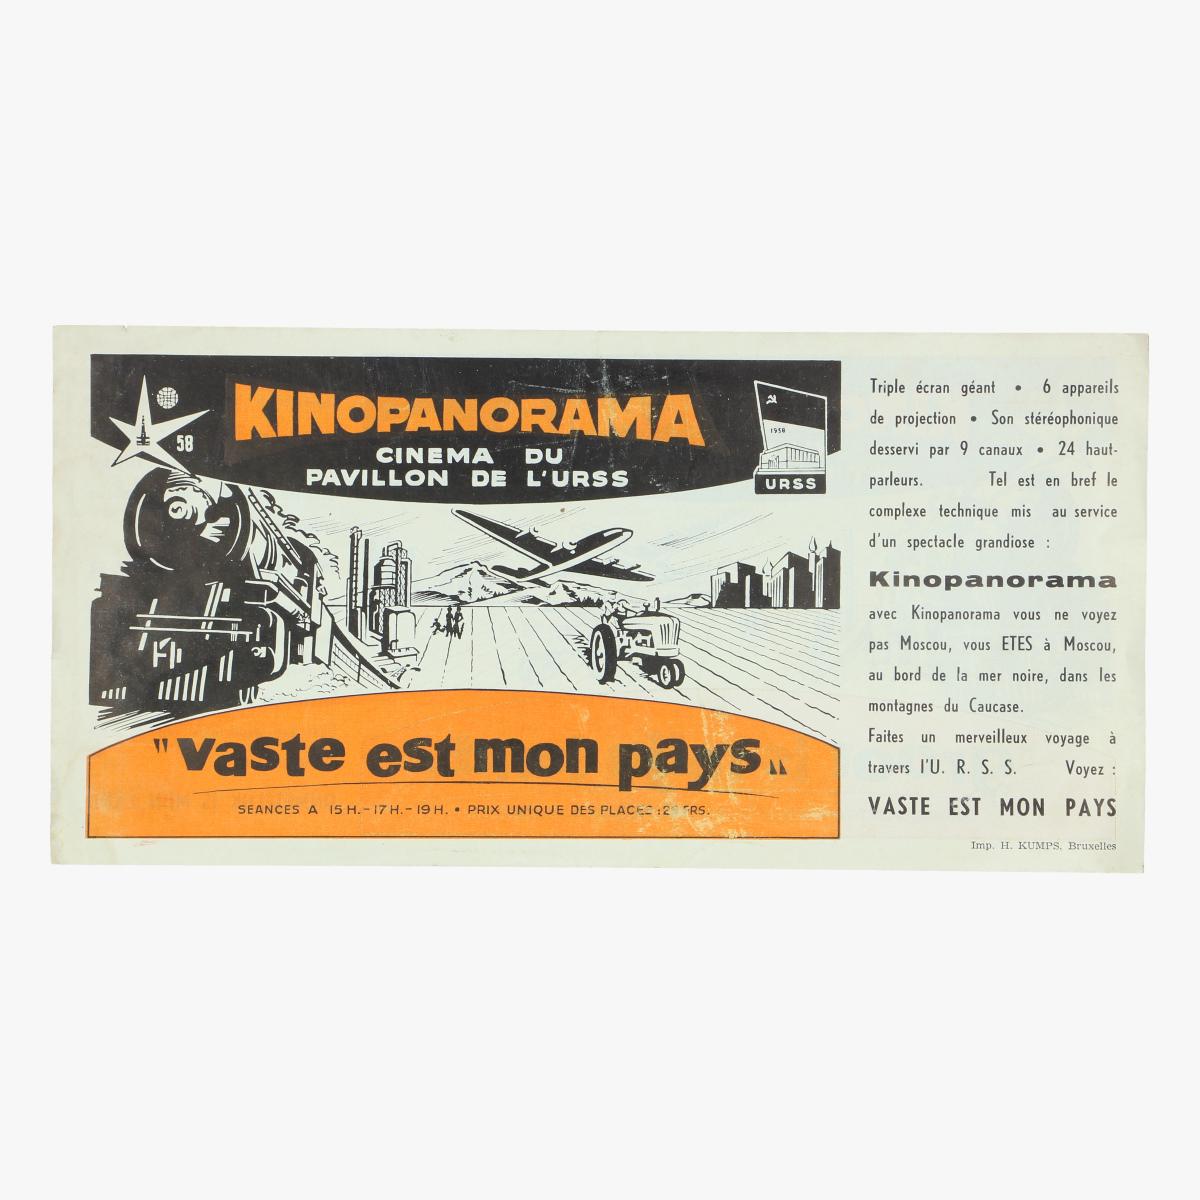 Afbeeldingen van expo 58 flyer expo 58 u.r.s.s. kinopanorama kinema van het ussr palviljoen